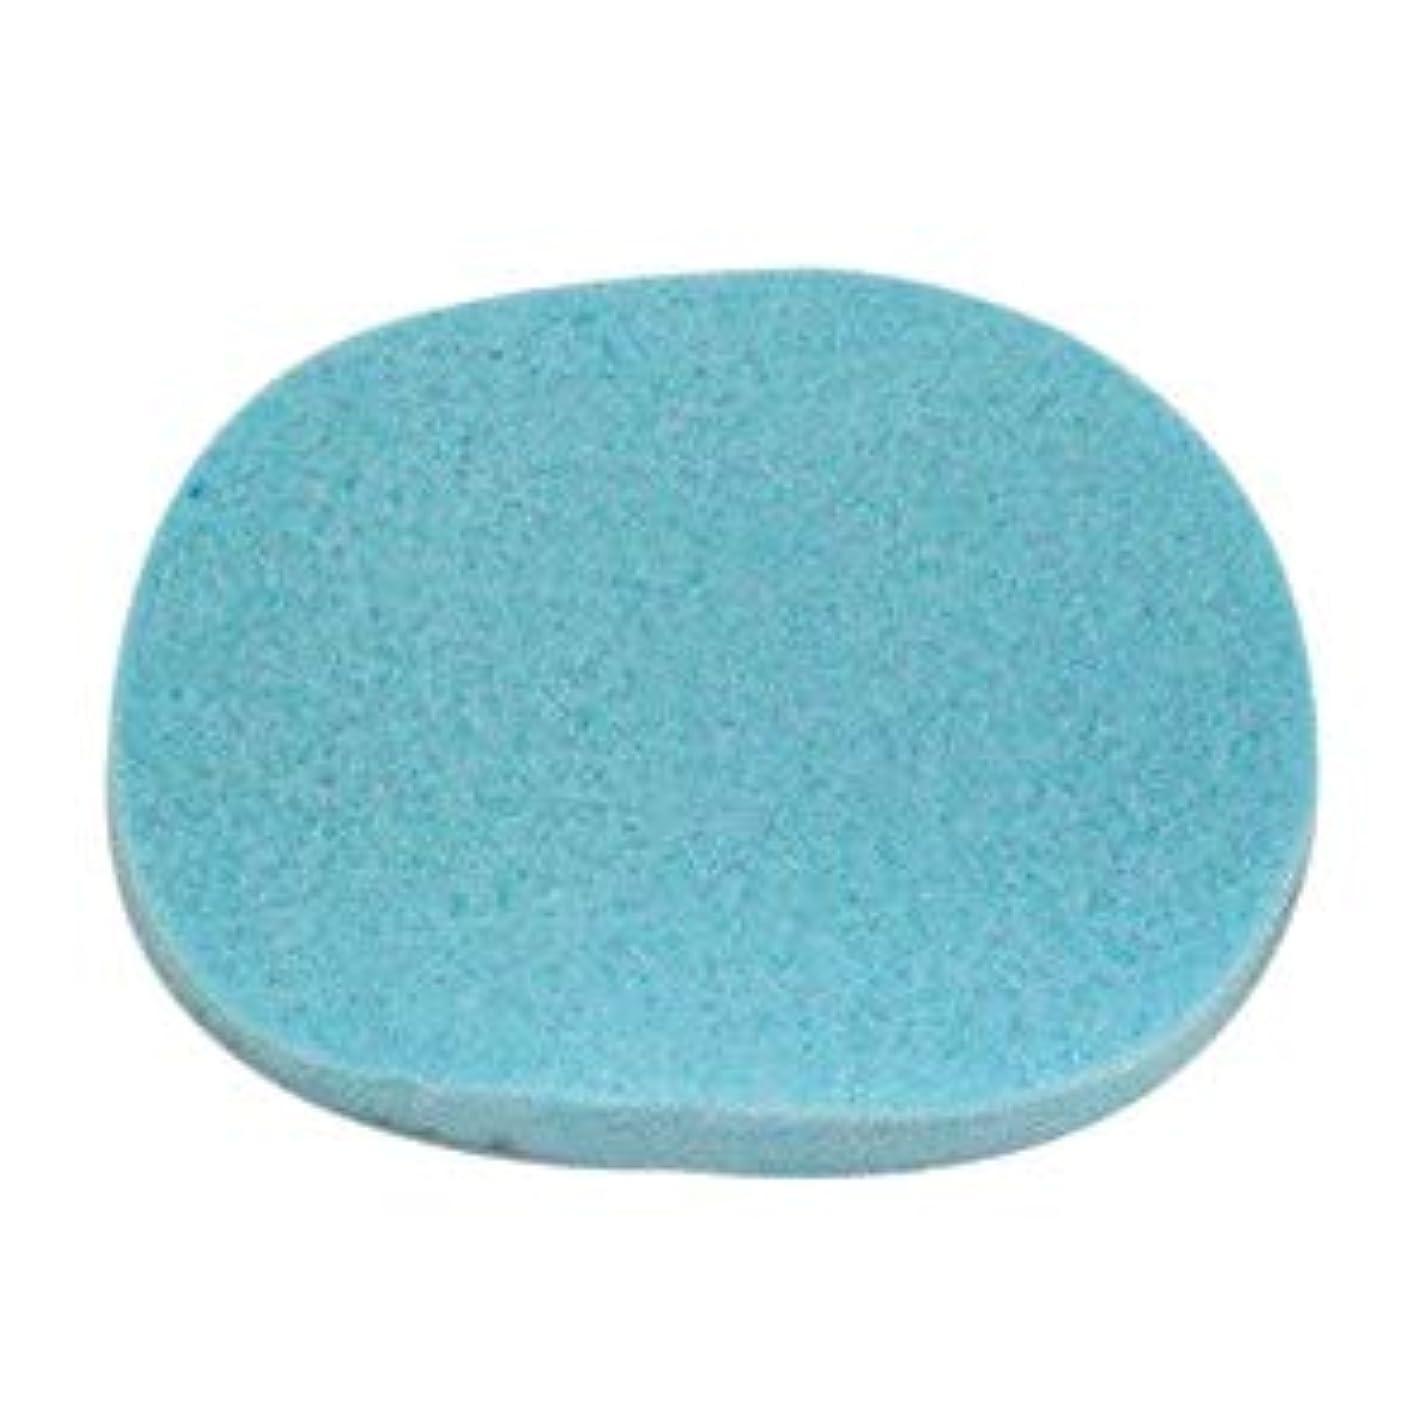 スペード特許である【20枚】エステ用スポンジ(ブルー/細かめ/厚さ14mm)フェイシャルスポンジ (20)